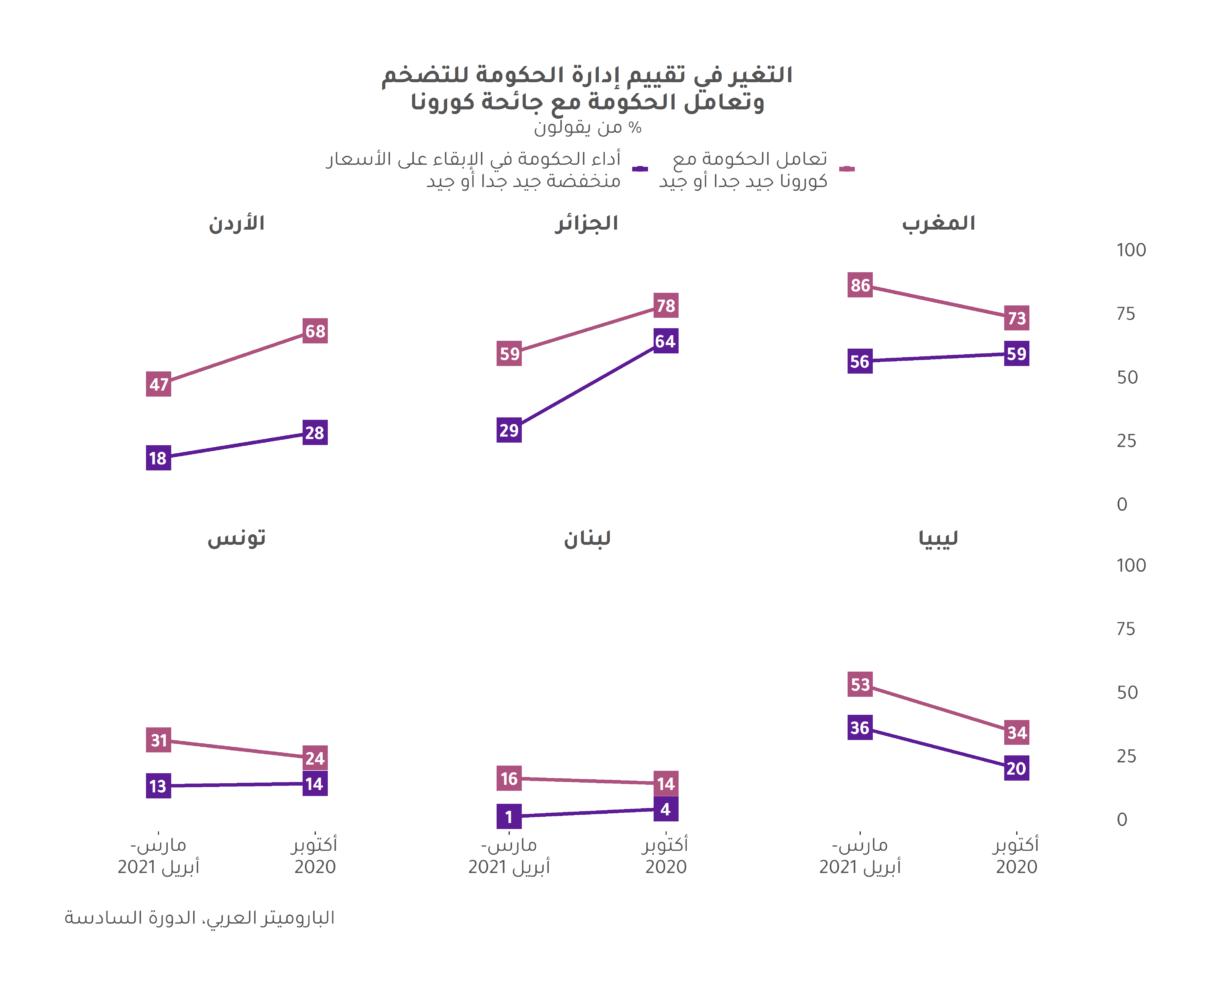 """مواطنو الشرق الأوسط وشمال إفريقيا لحكوماتهم: """"الشفاء قبل الثراء"""""""